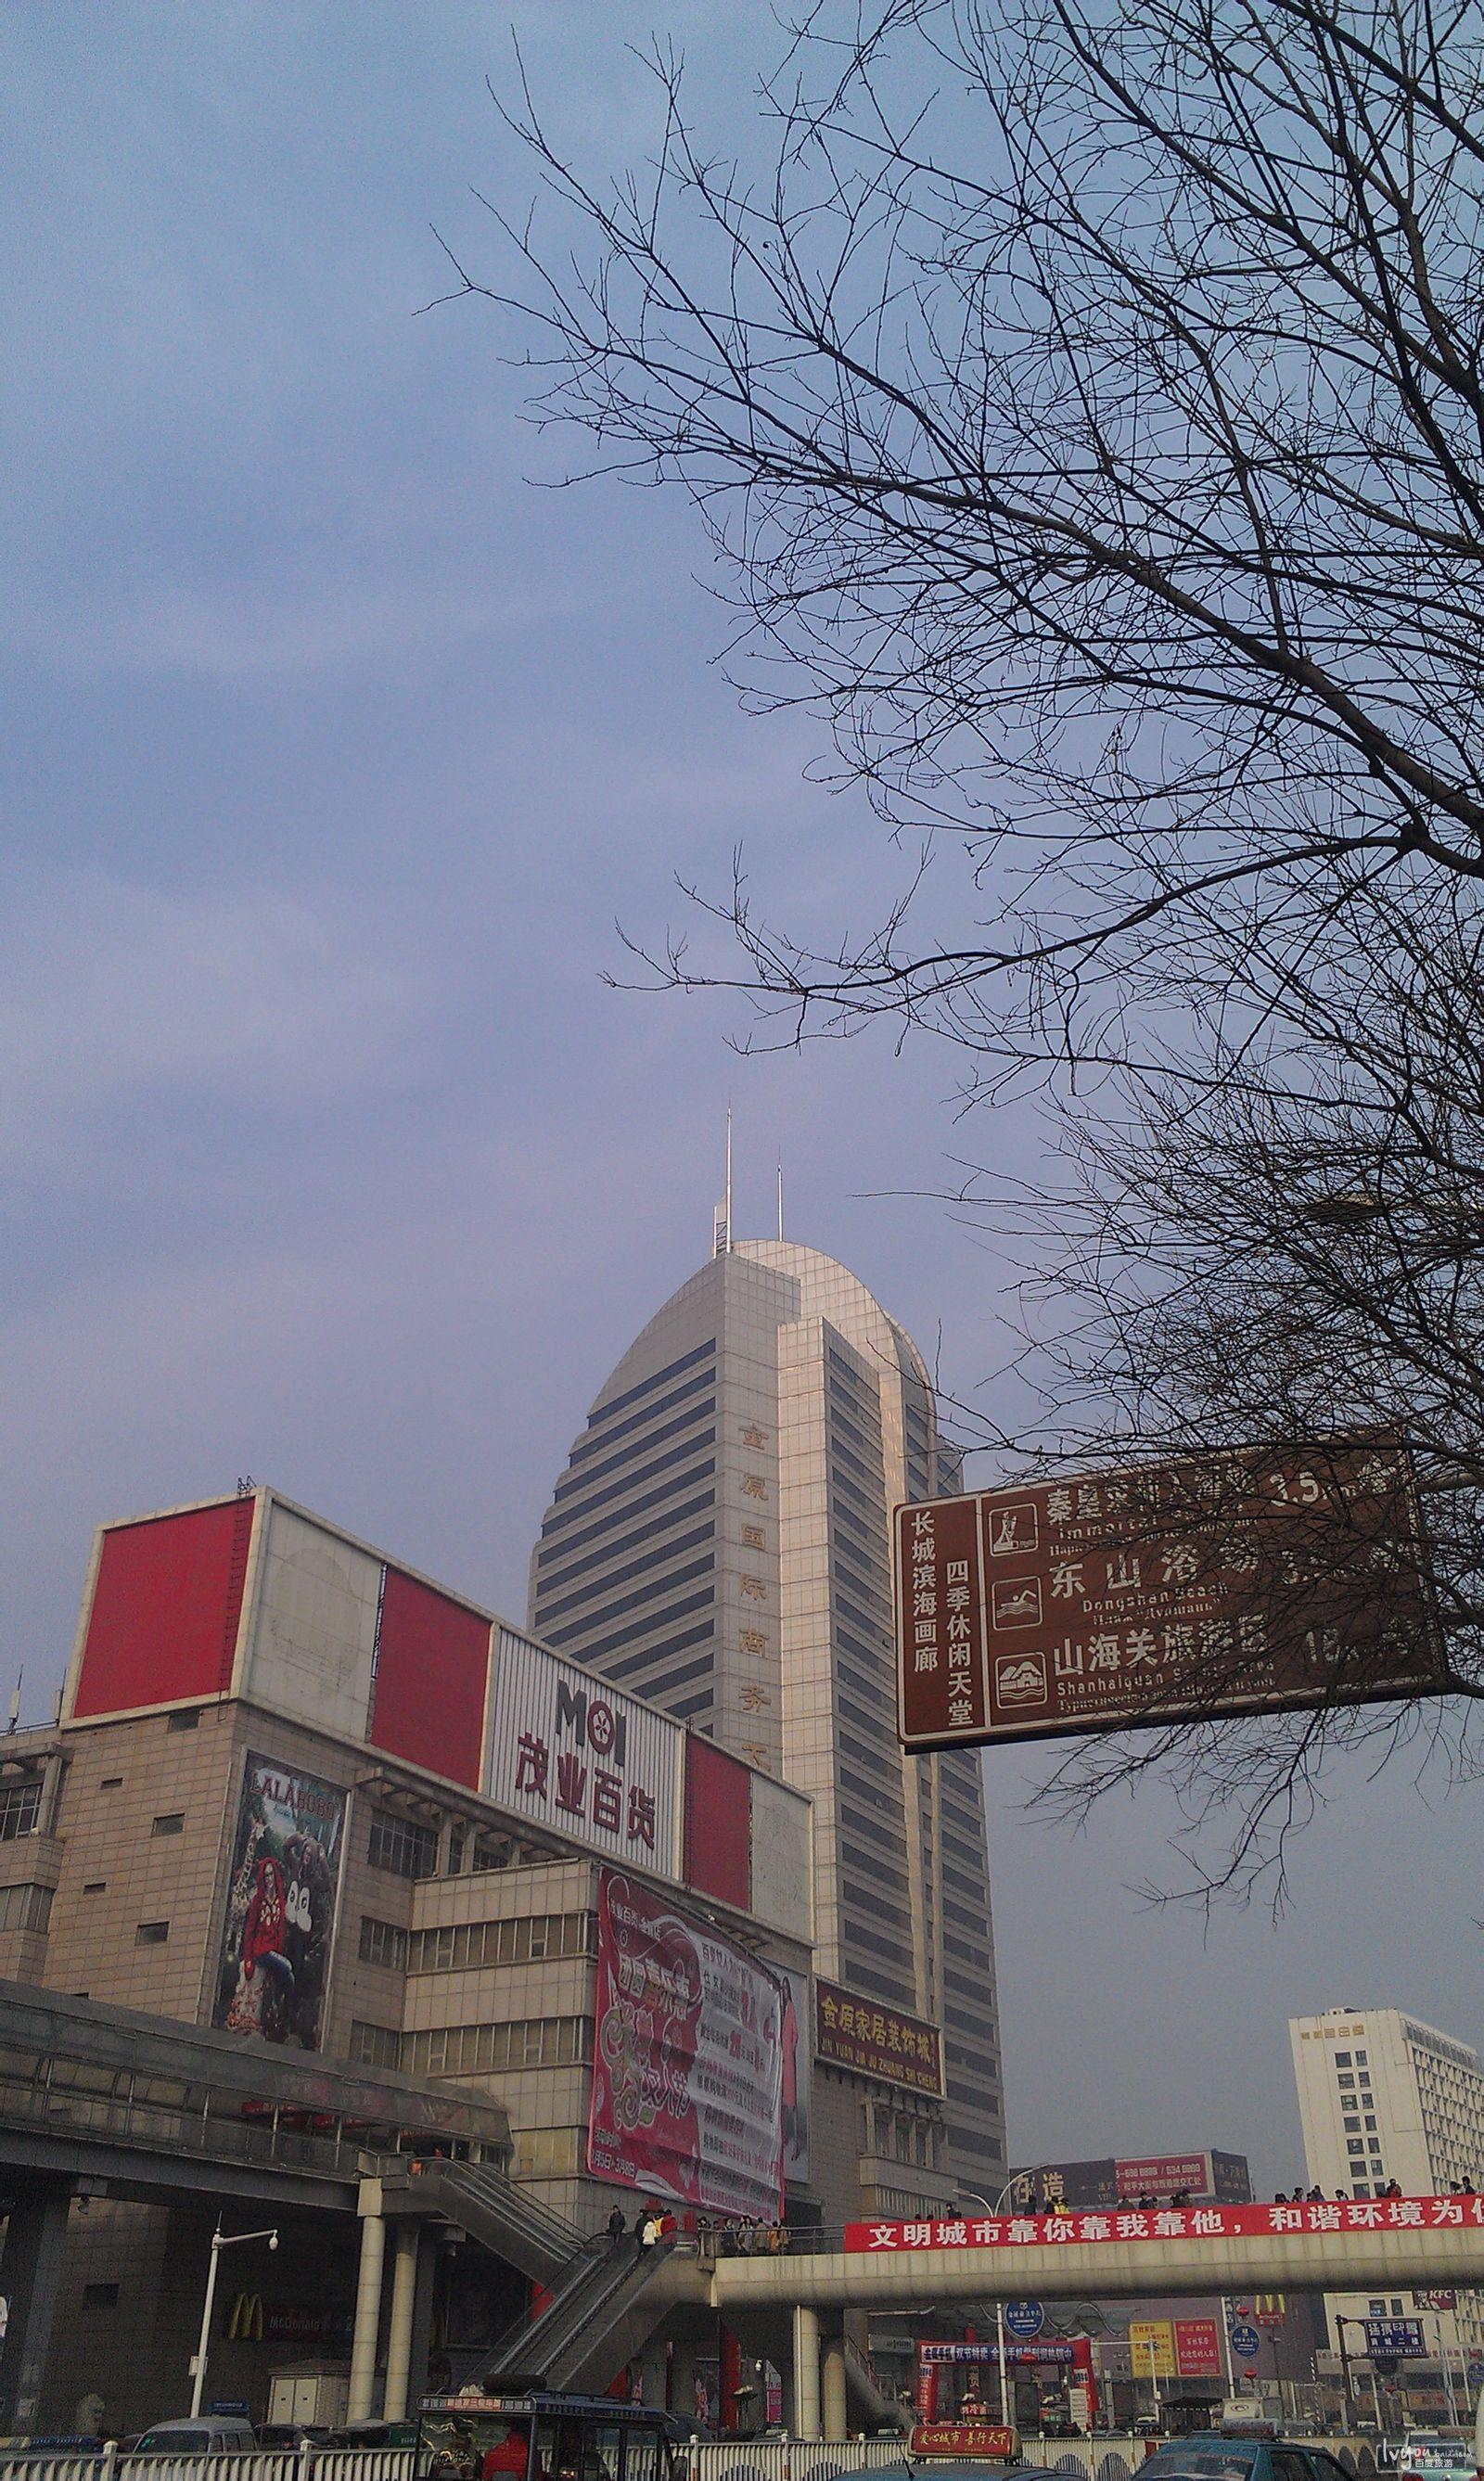 茂业百货算是秦皇岛市最繁华的地段,有几家大的购物商场,茂业百货